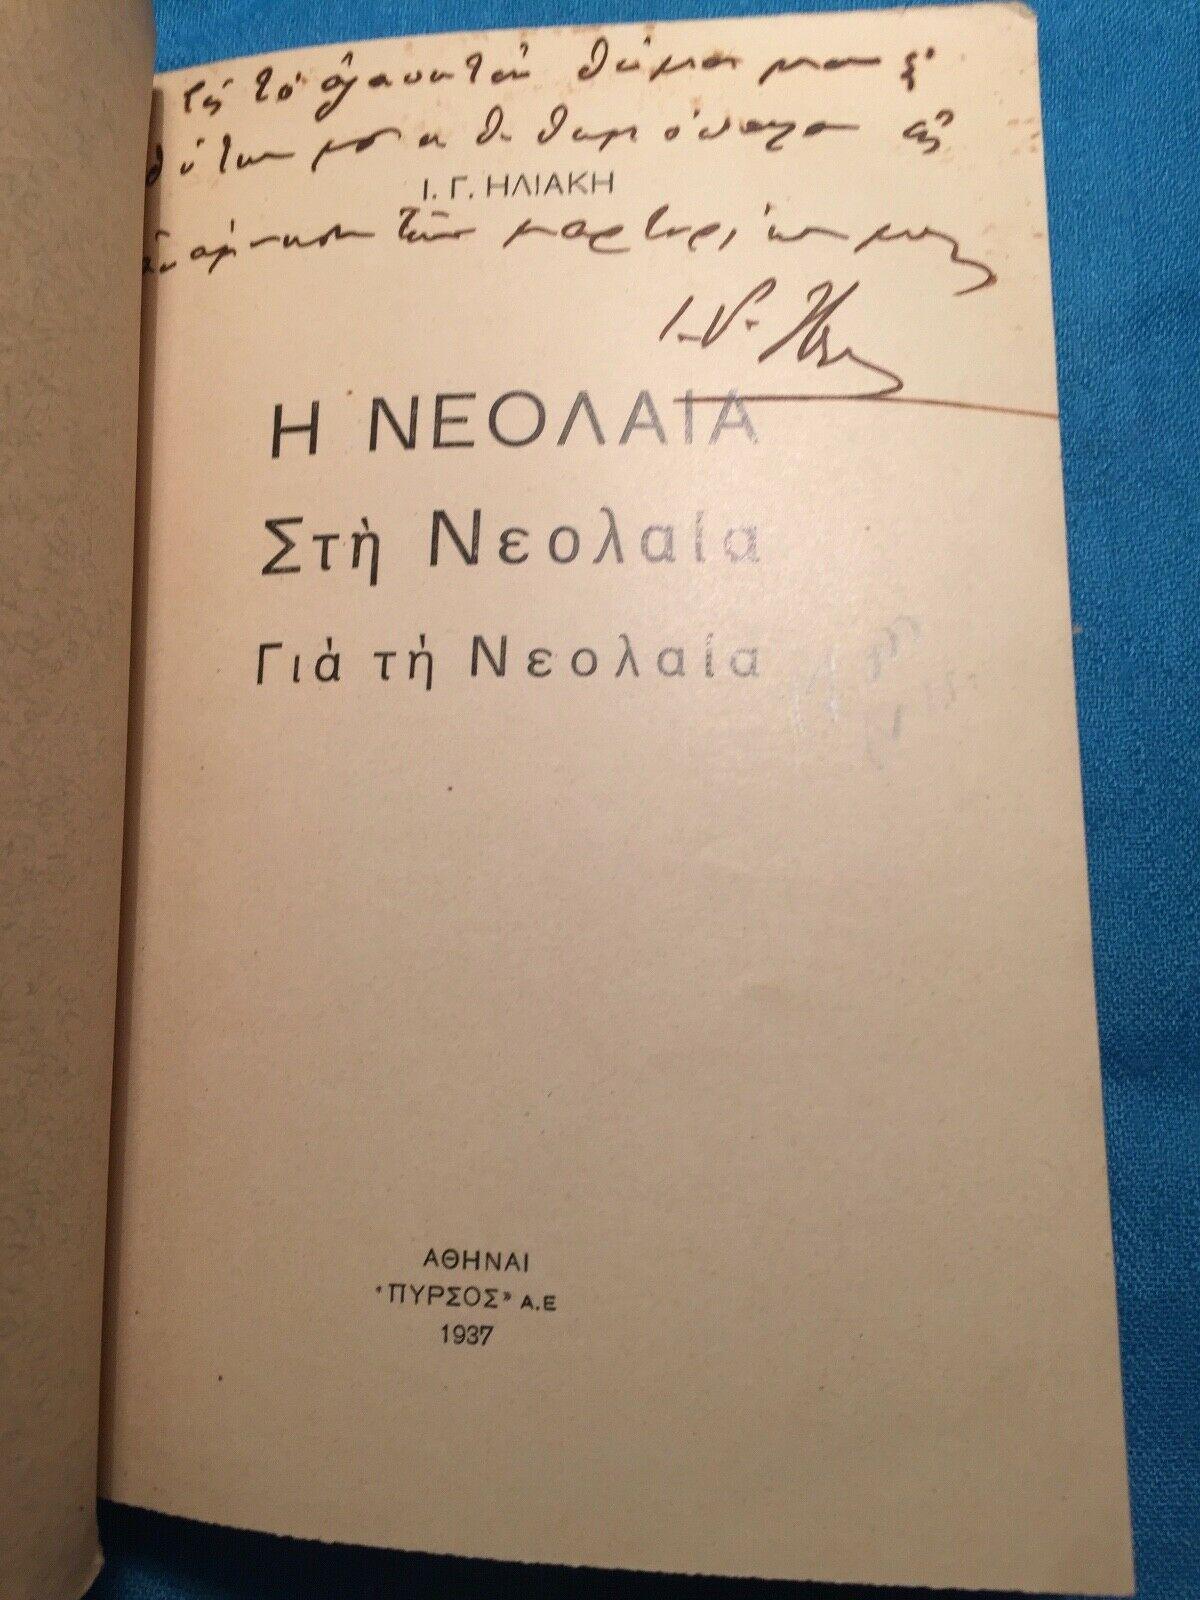 eon-greece-book-1937-eon-fascist-youth-01